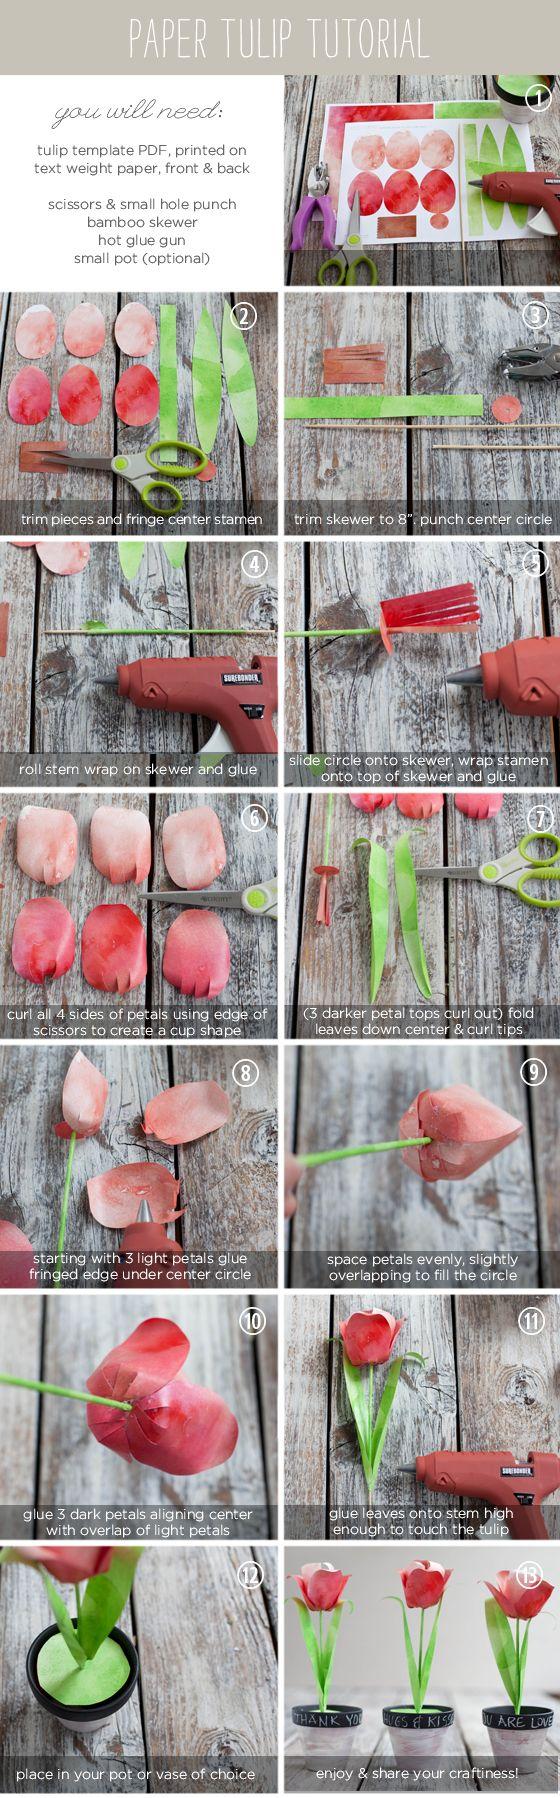 Paper Tulip Tutorial